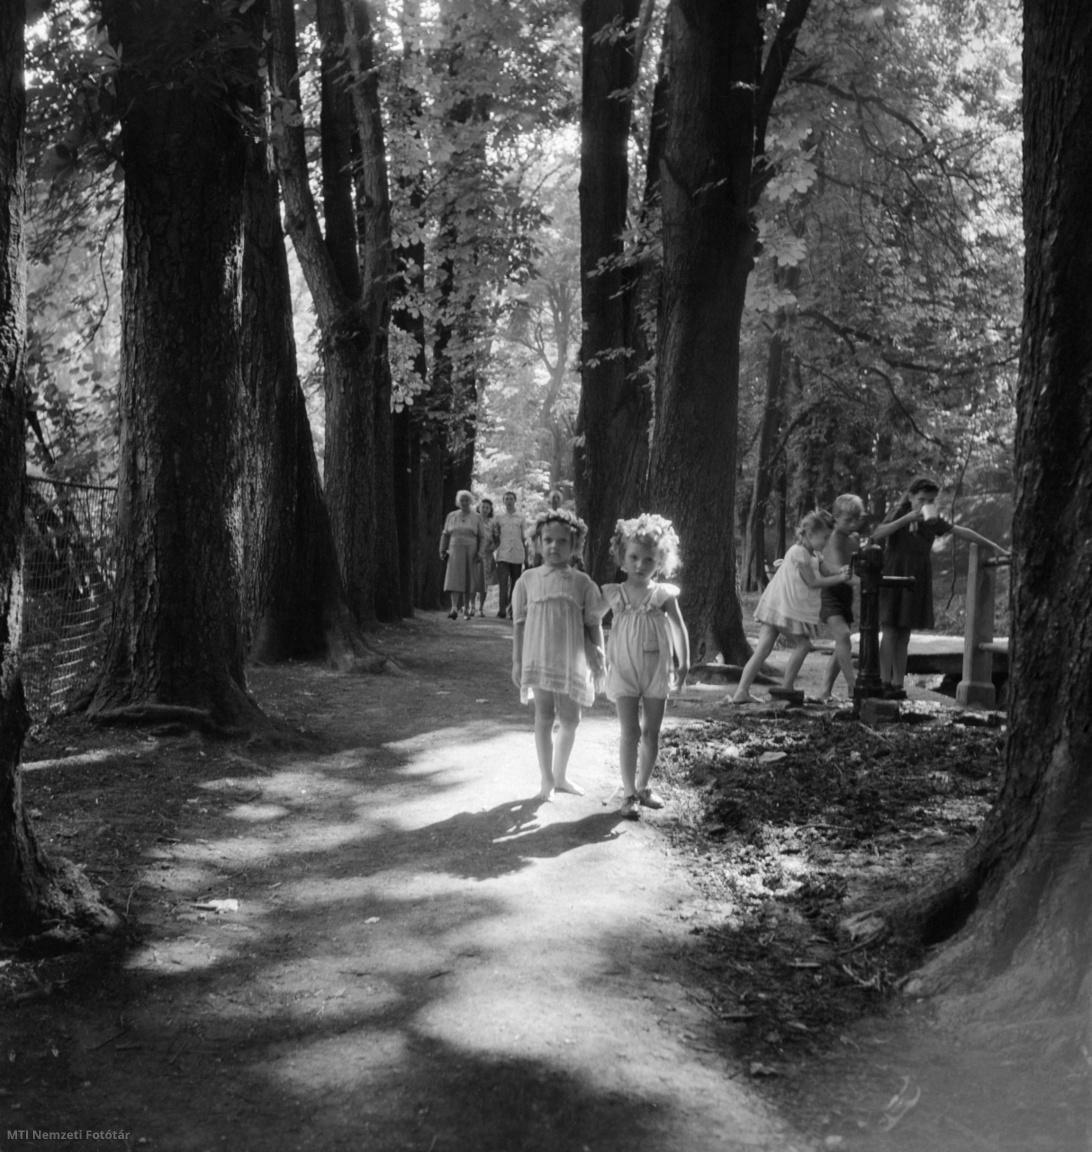 A Népjóléti Minisztérium üdültető programjában részt vevő gyerekek kirándulnak a Széchenyi-hegyen 1948. augusztus 8-án